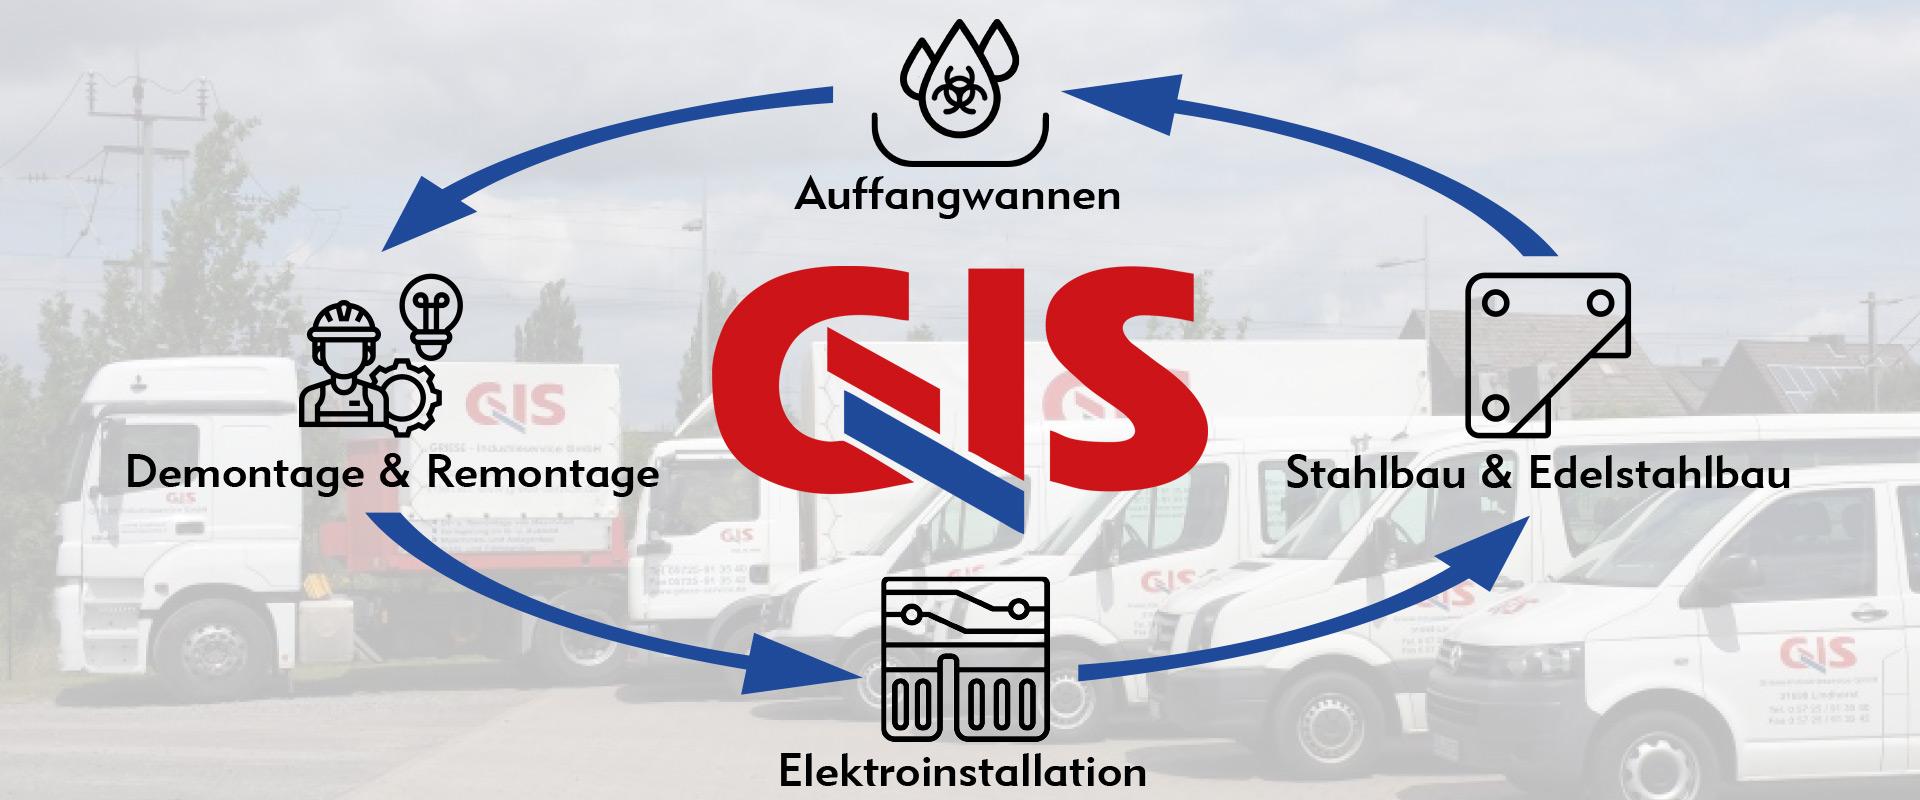 Griese Service. Demontagen, Remontagen, Auffangwannen, Stahlbau, Elektroinstallation